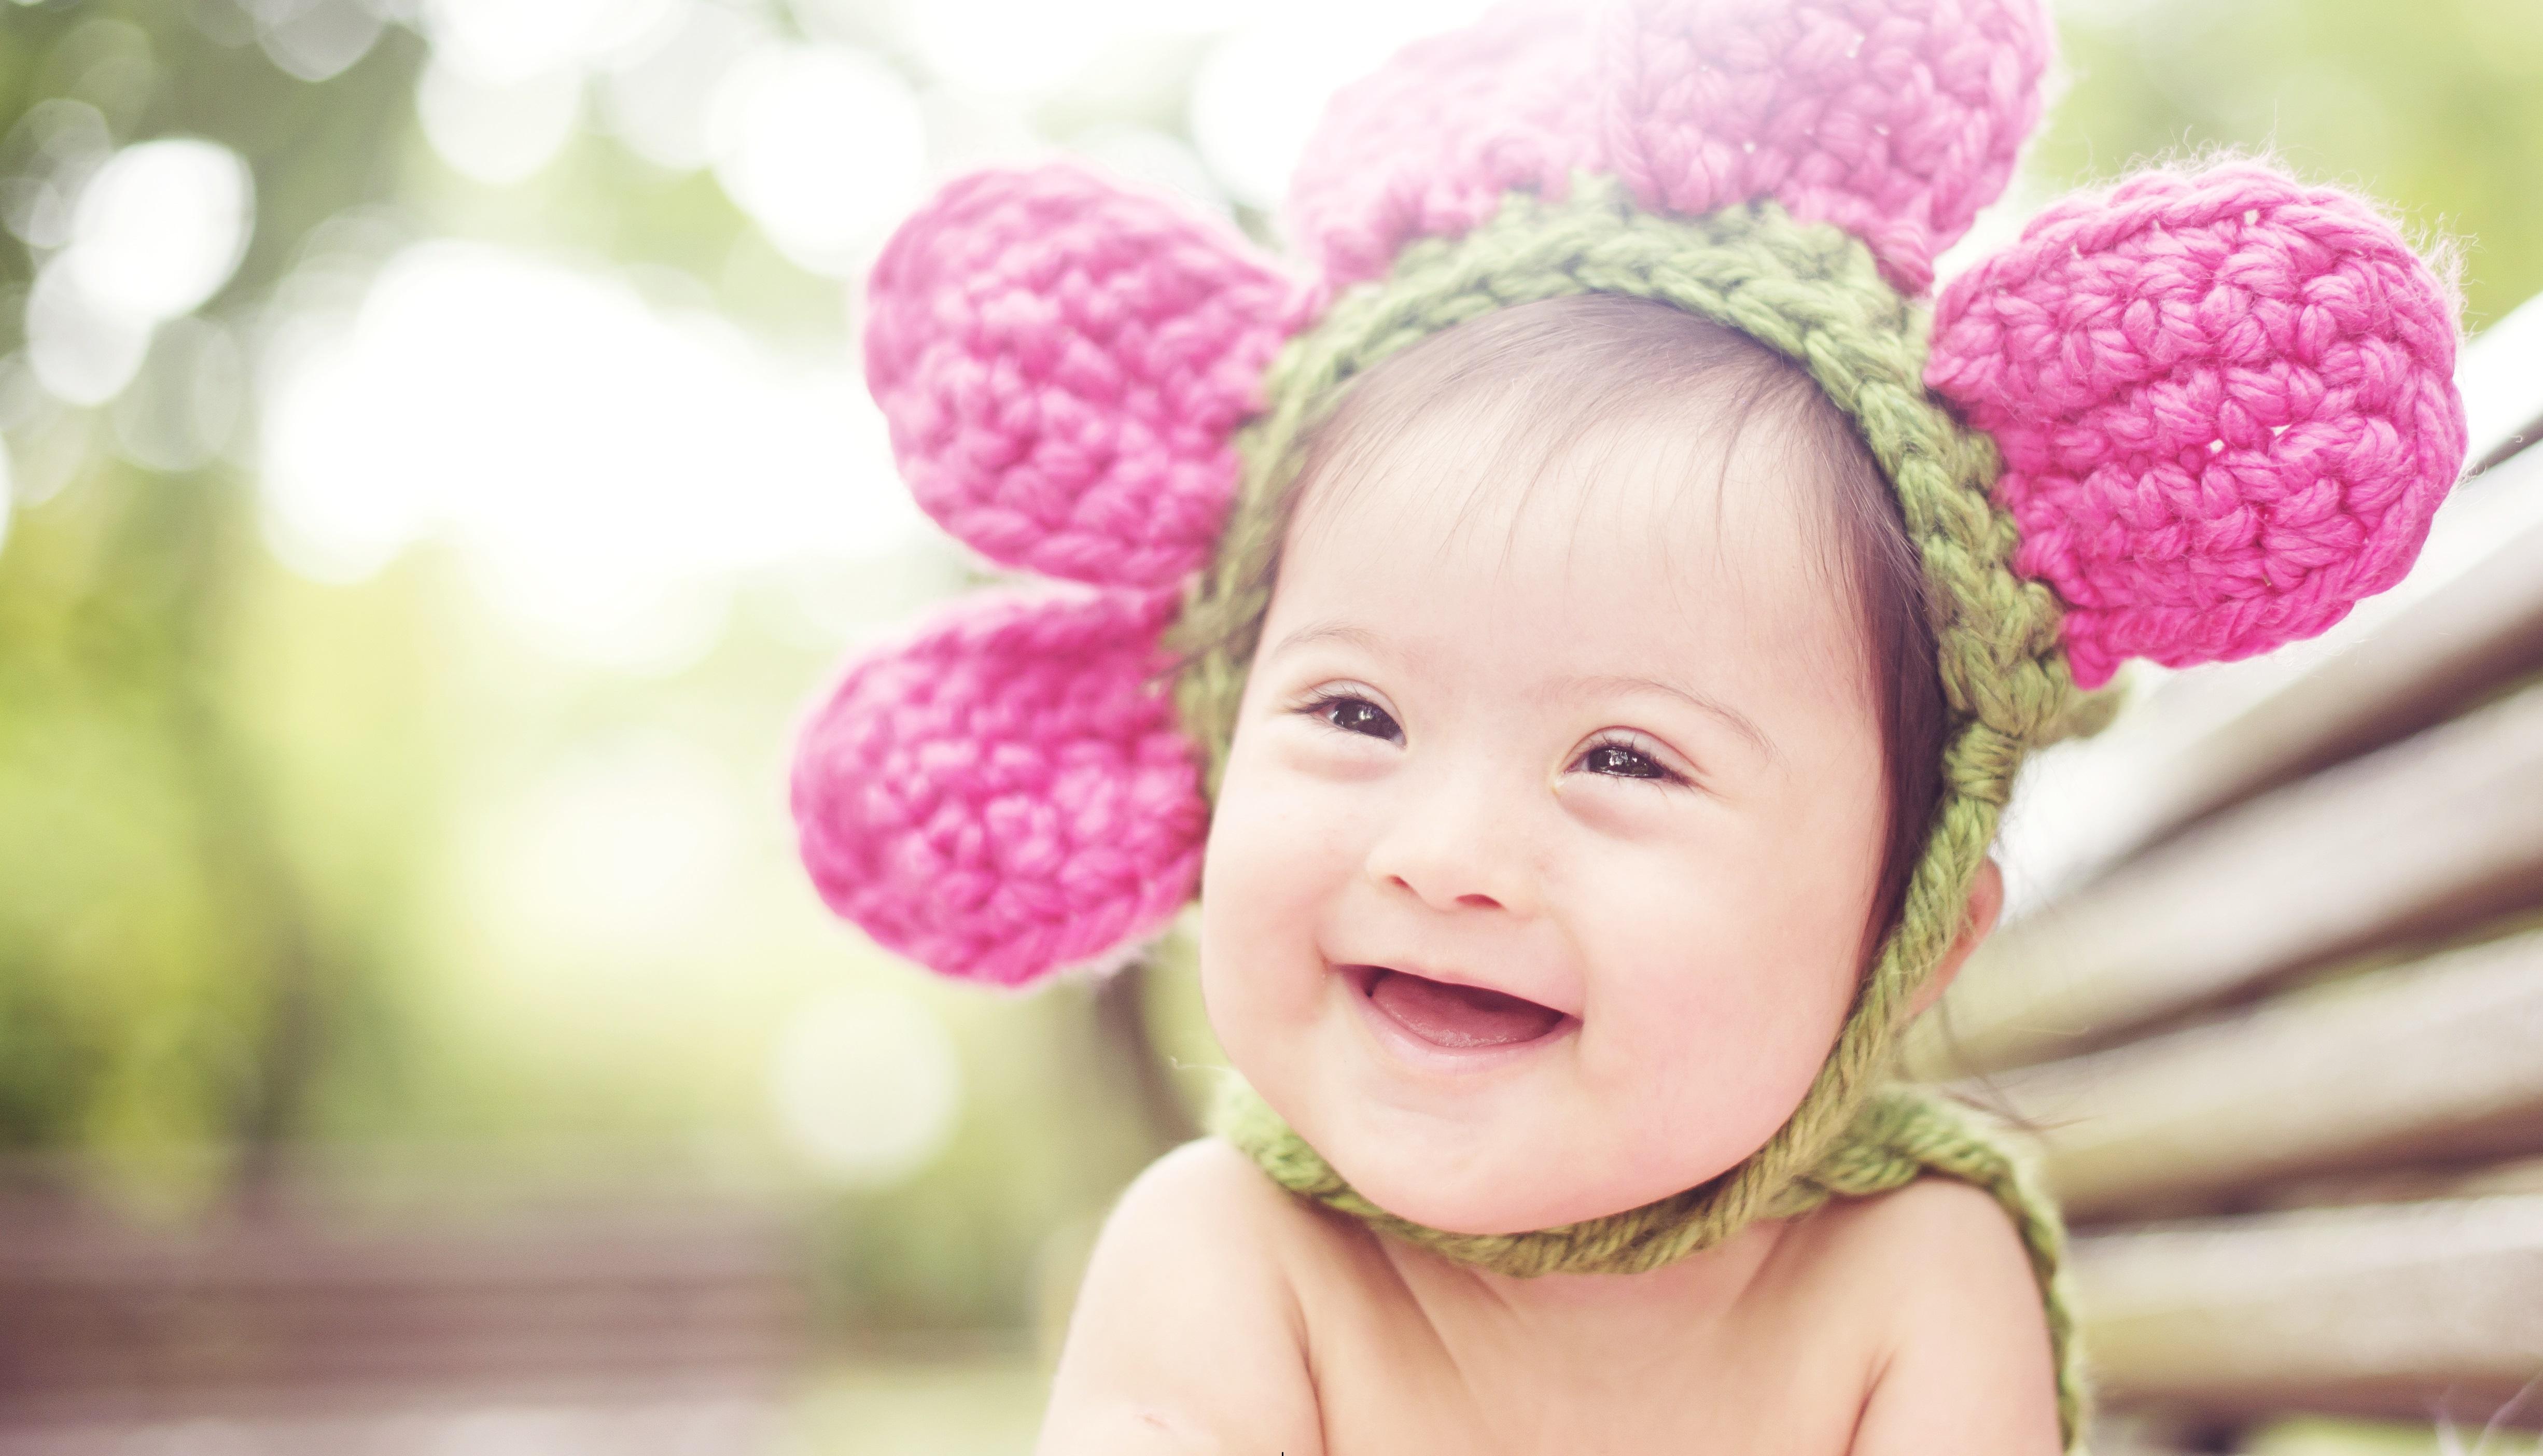 Um bebê com síndrome de Down ri para a foto. Ele está muito feliz. Ele usa um chapéu em forma de flor na cabeça.